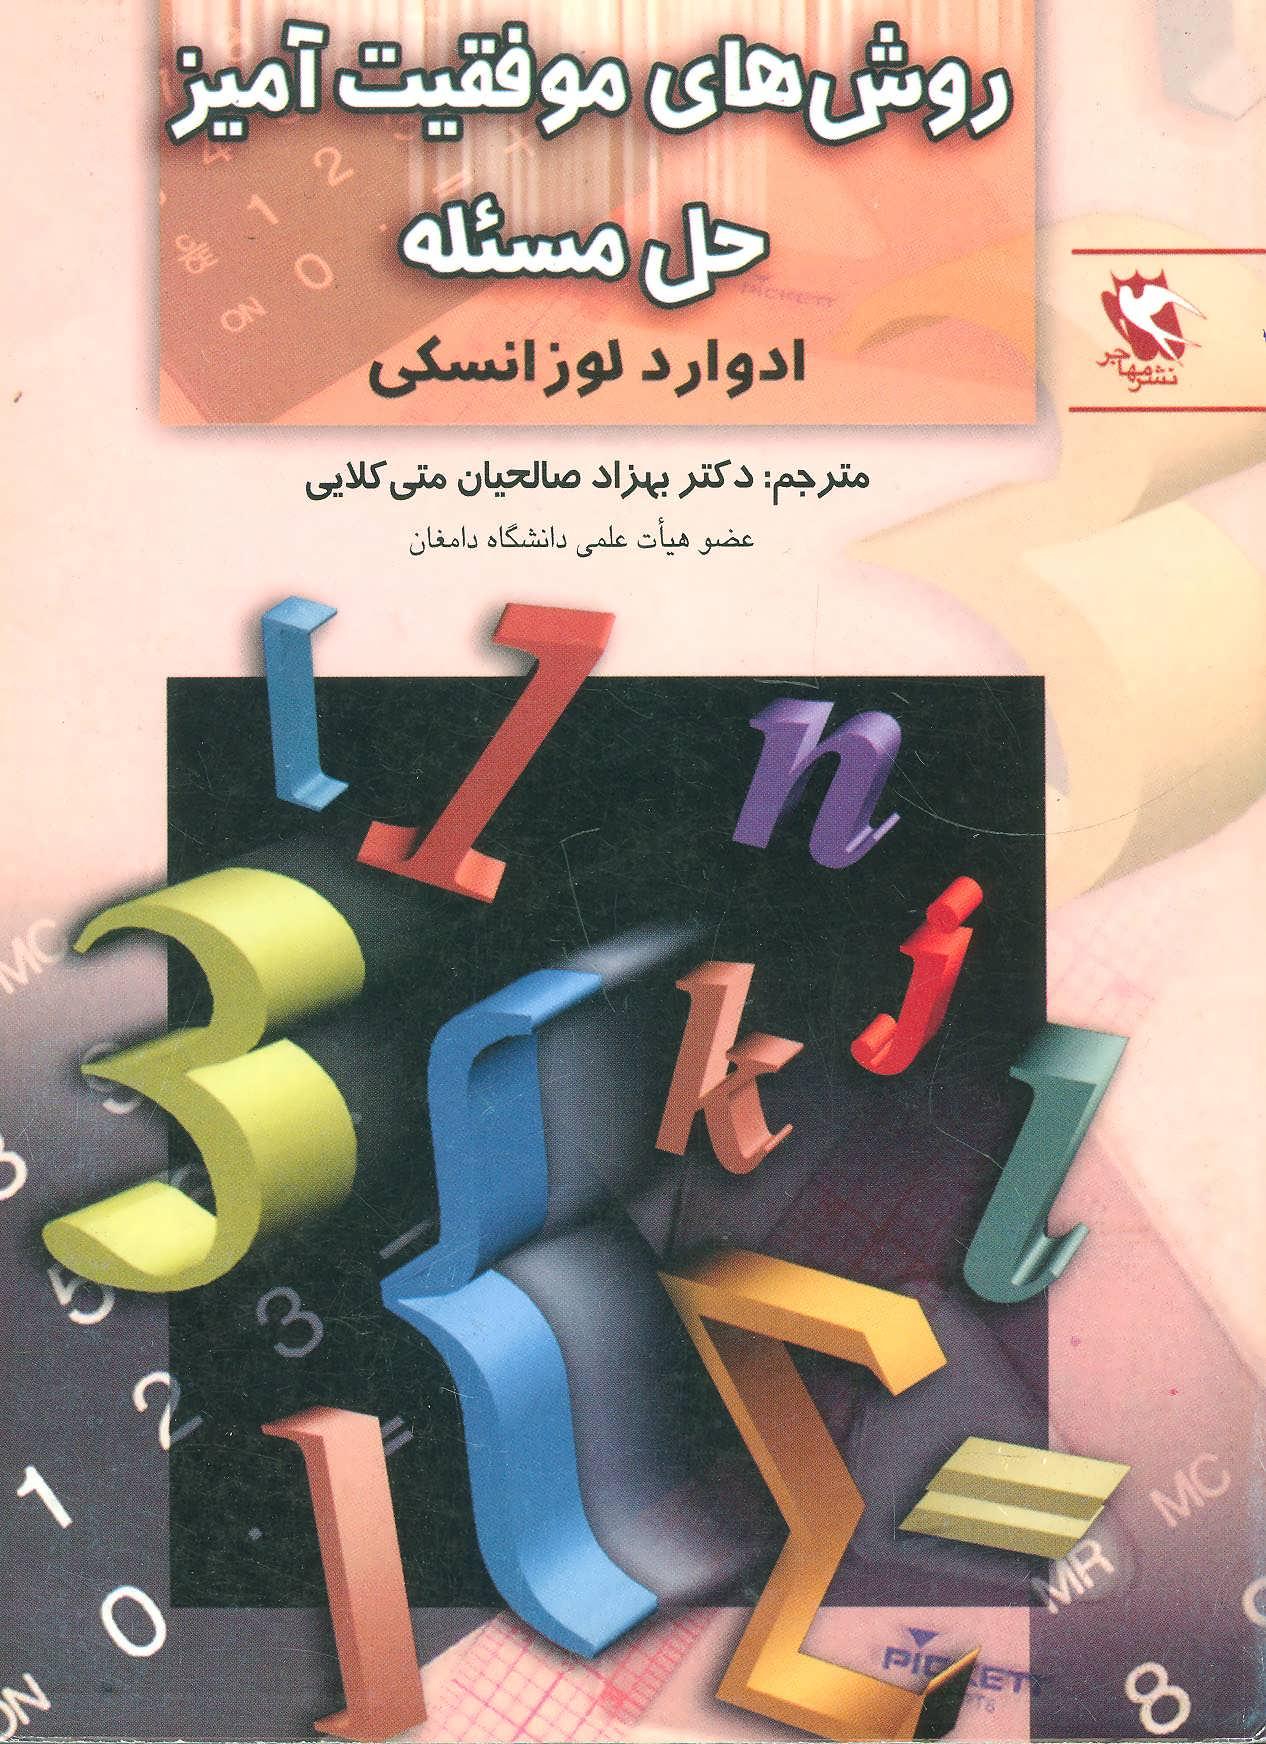 کتاب روشهای موفقیتآمیز حل مساله